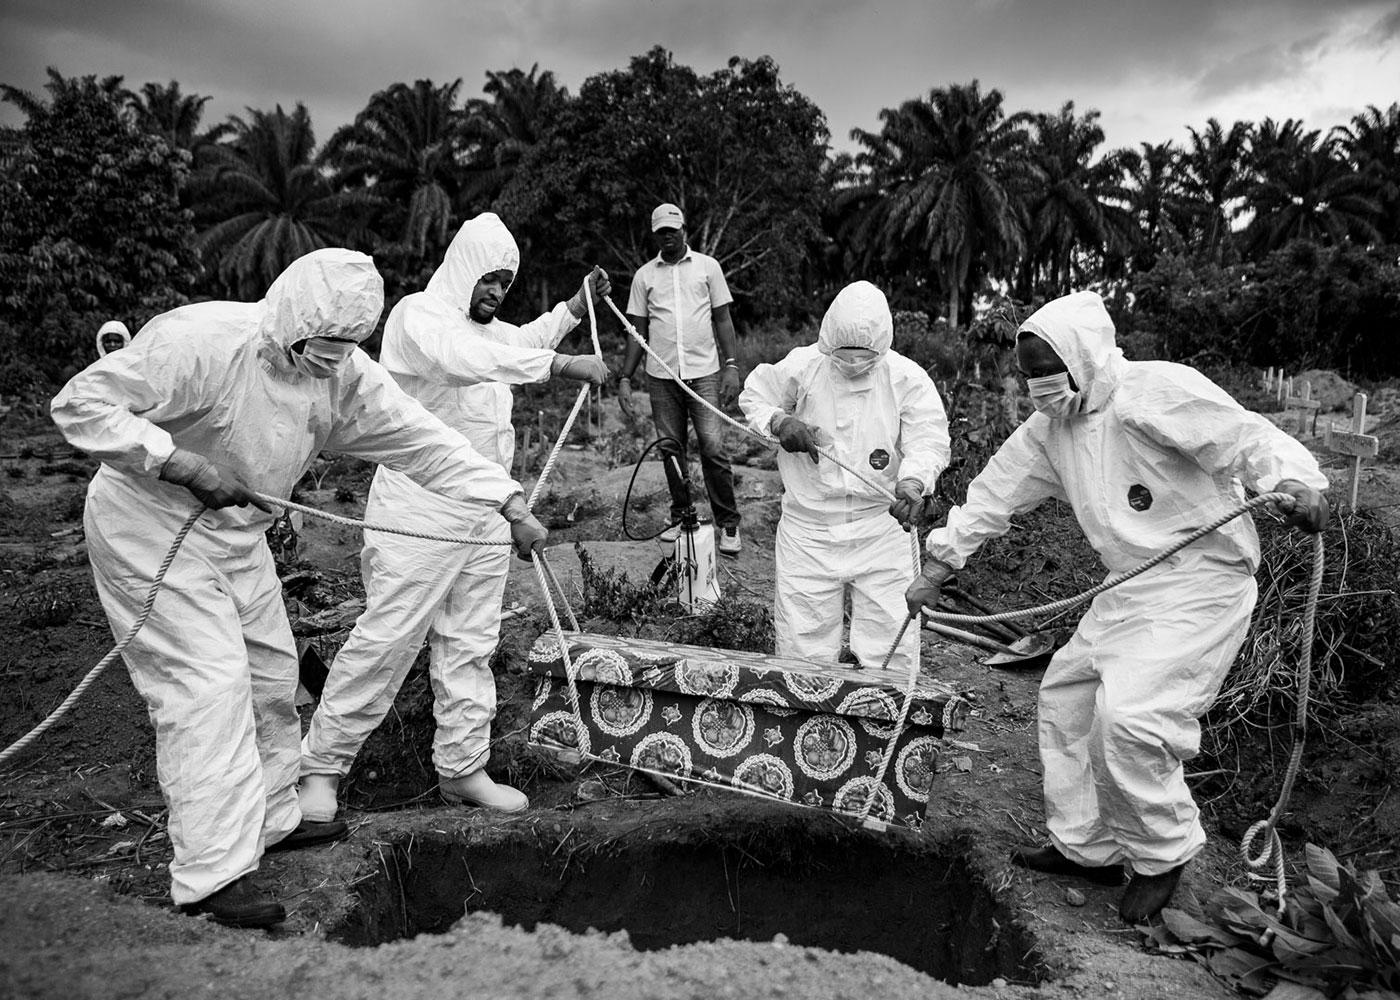 Beerdigung eines Babys, das Vermutlich Ebola hatte, Congo © Jonas Wresch